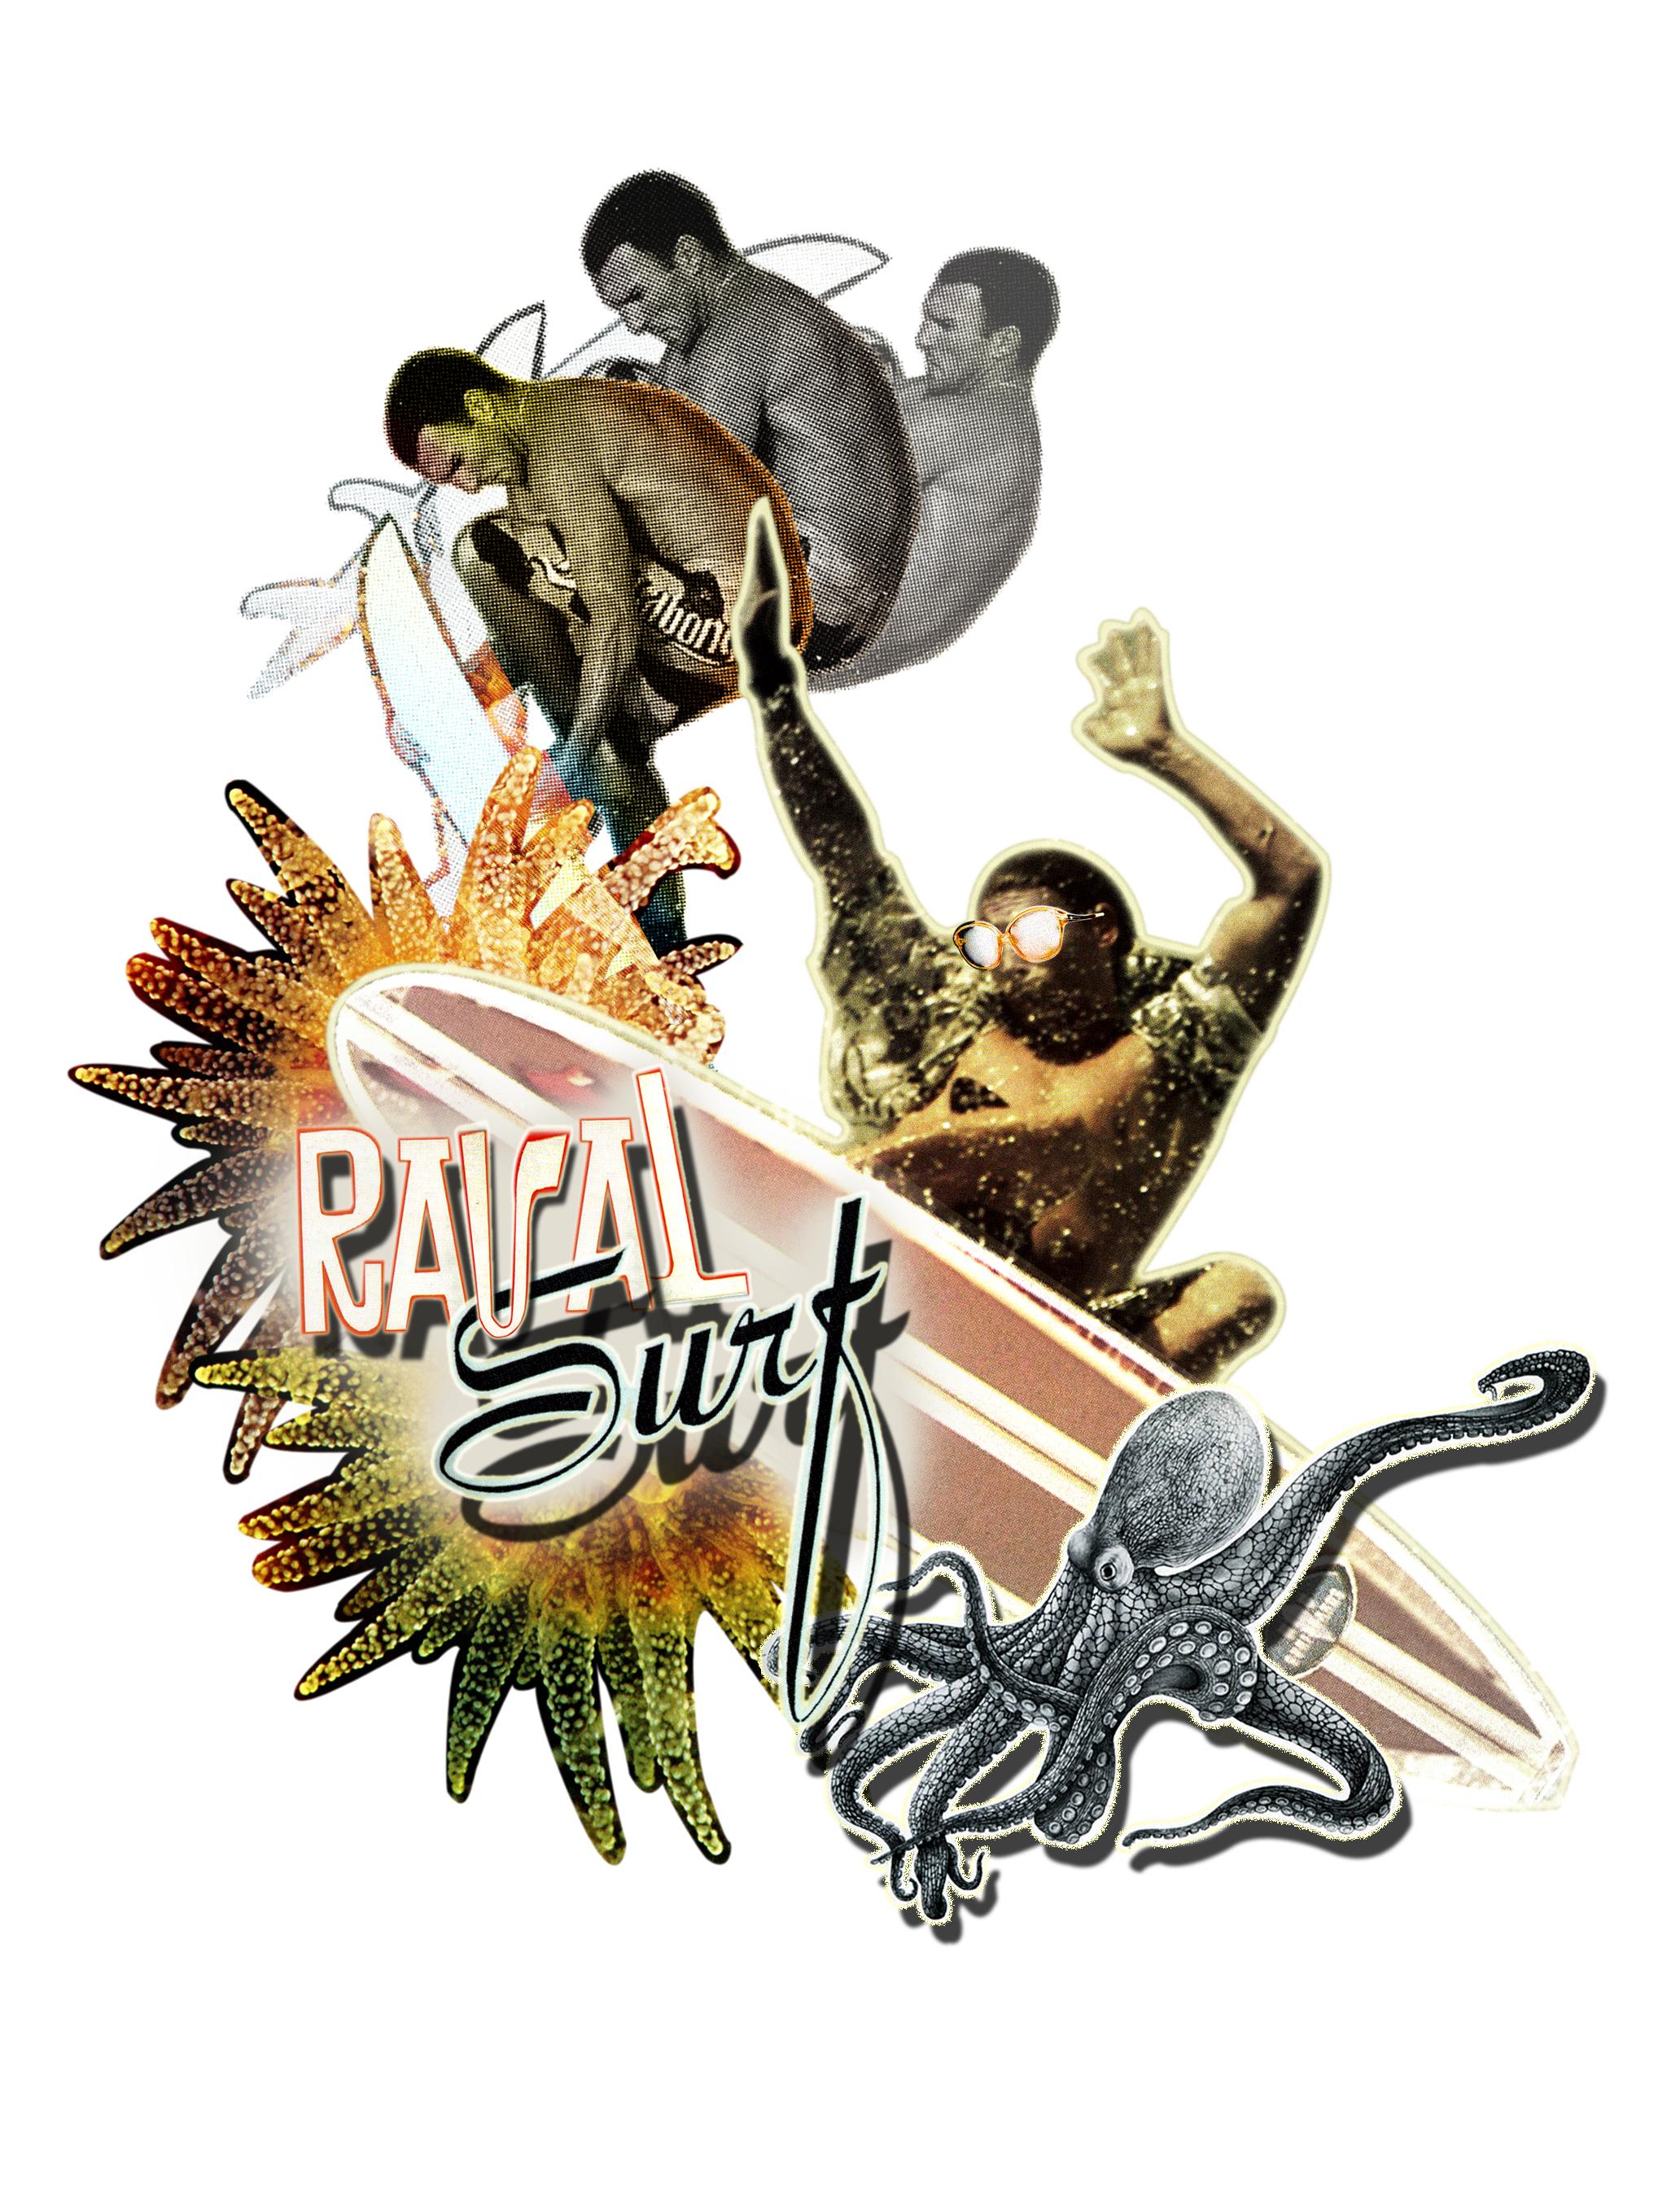 raval-surf-copy